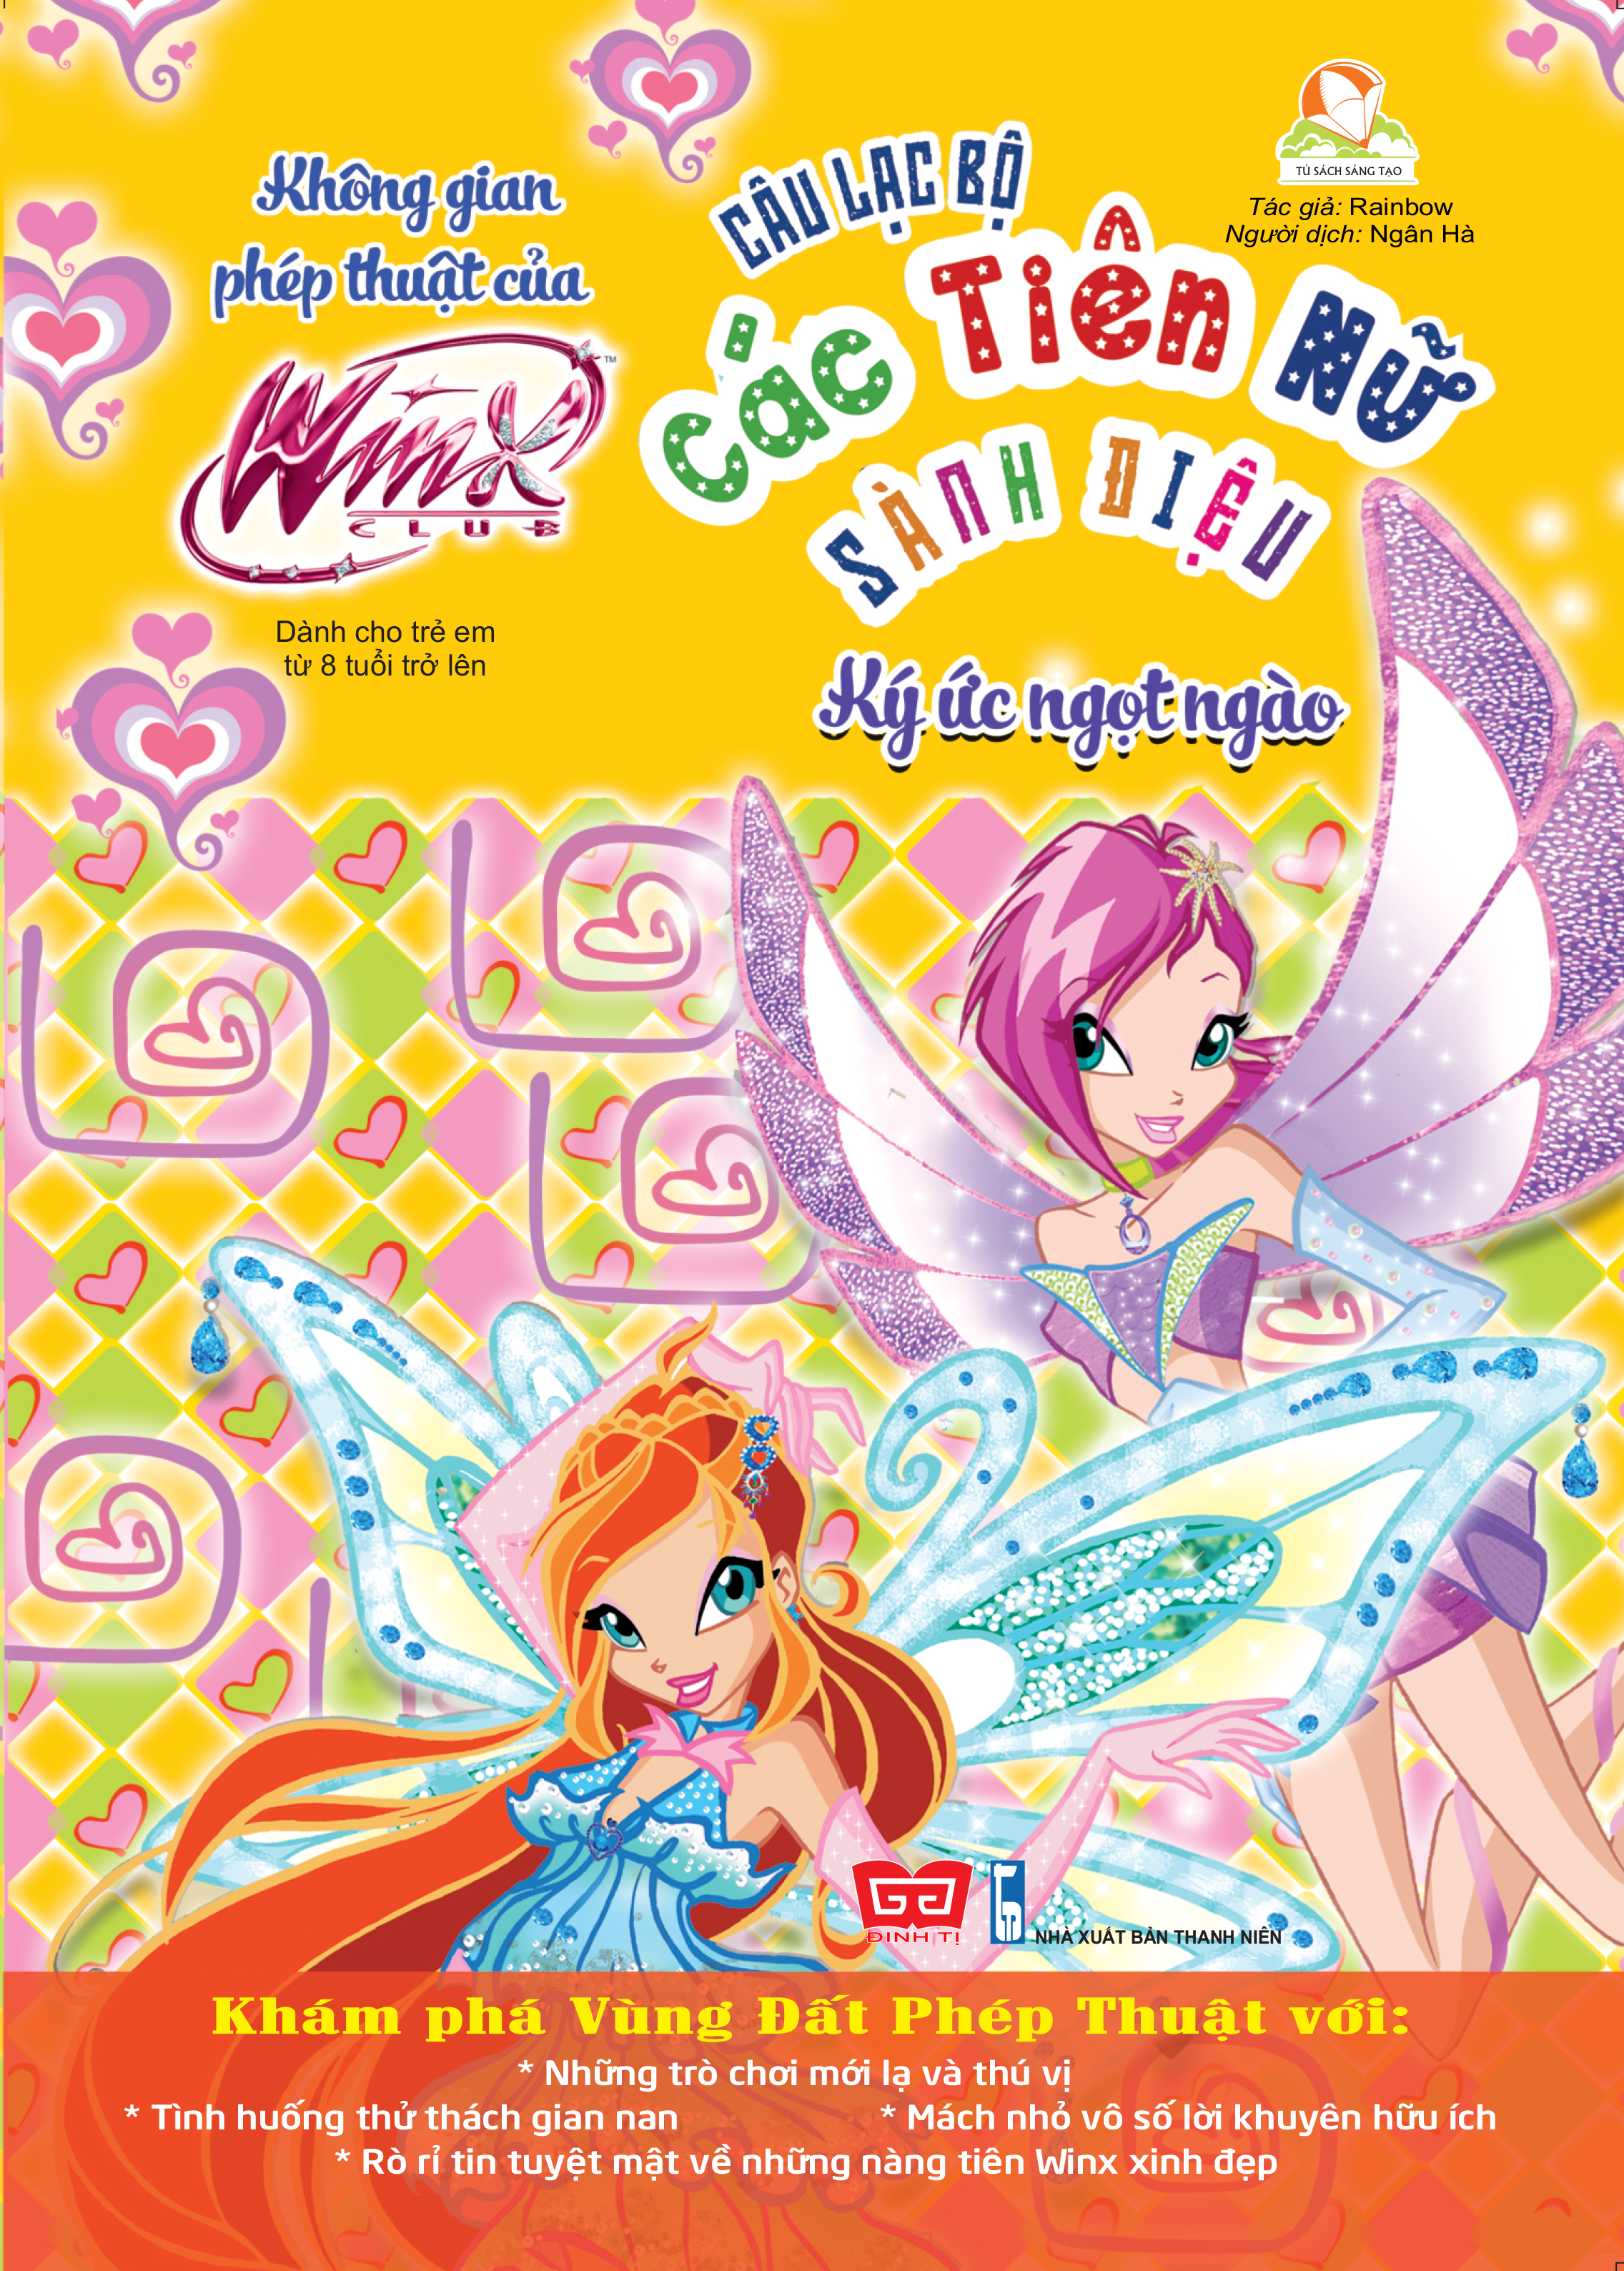 Winx club - Câu lạc bộ các tiên nữ sành điệu - Không gian phép thuật của WinX - Ký ức ngọt ngào